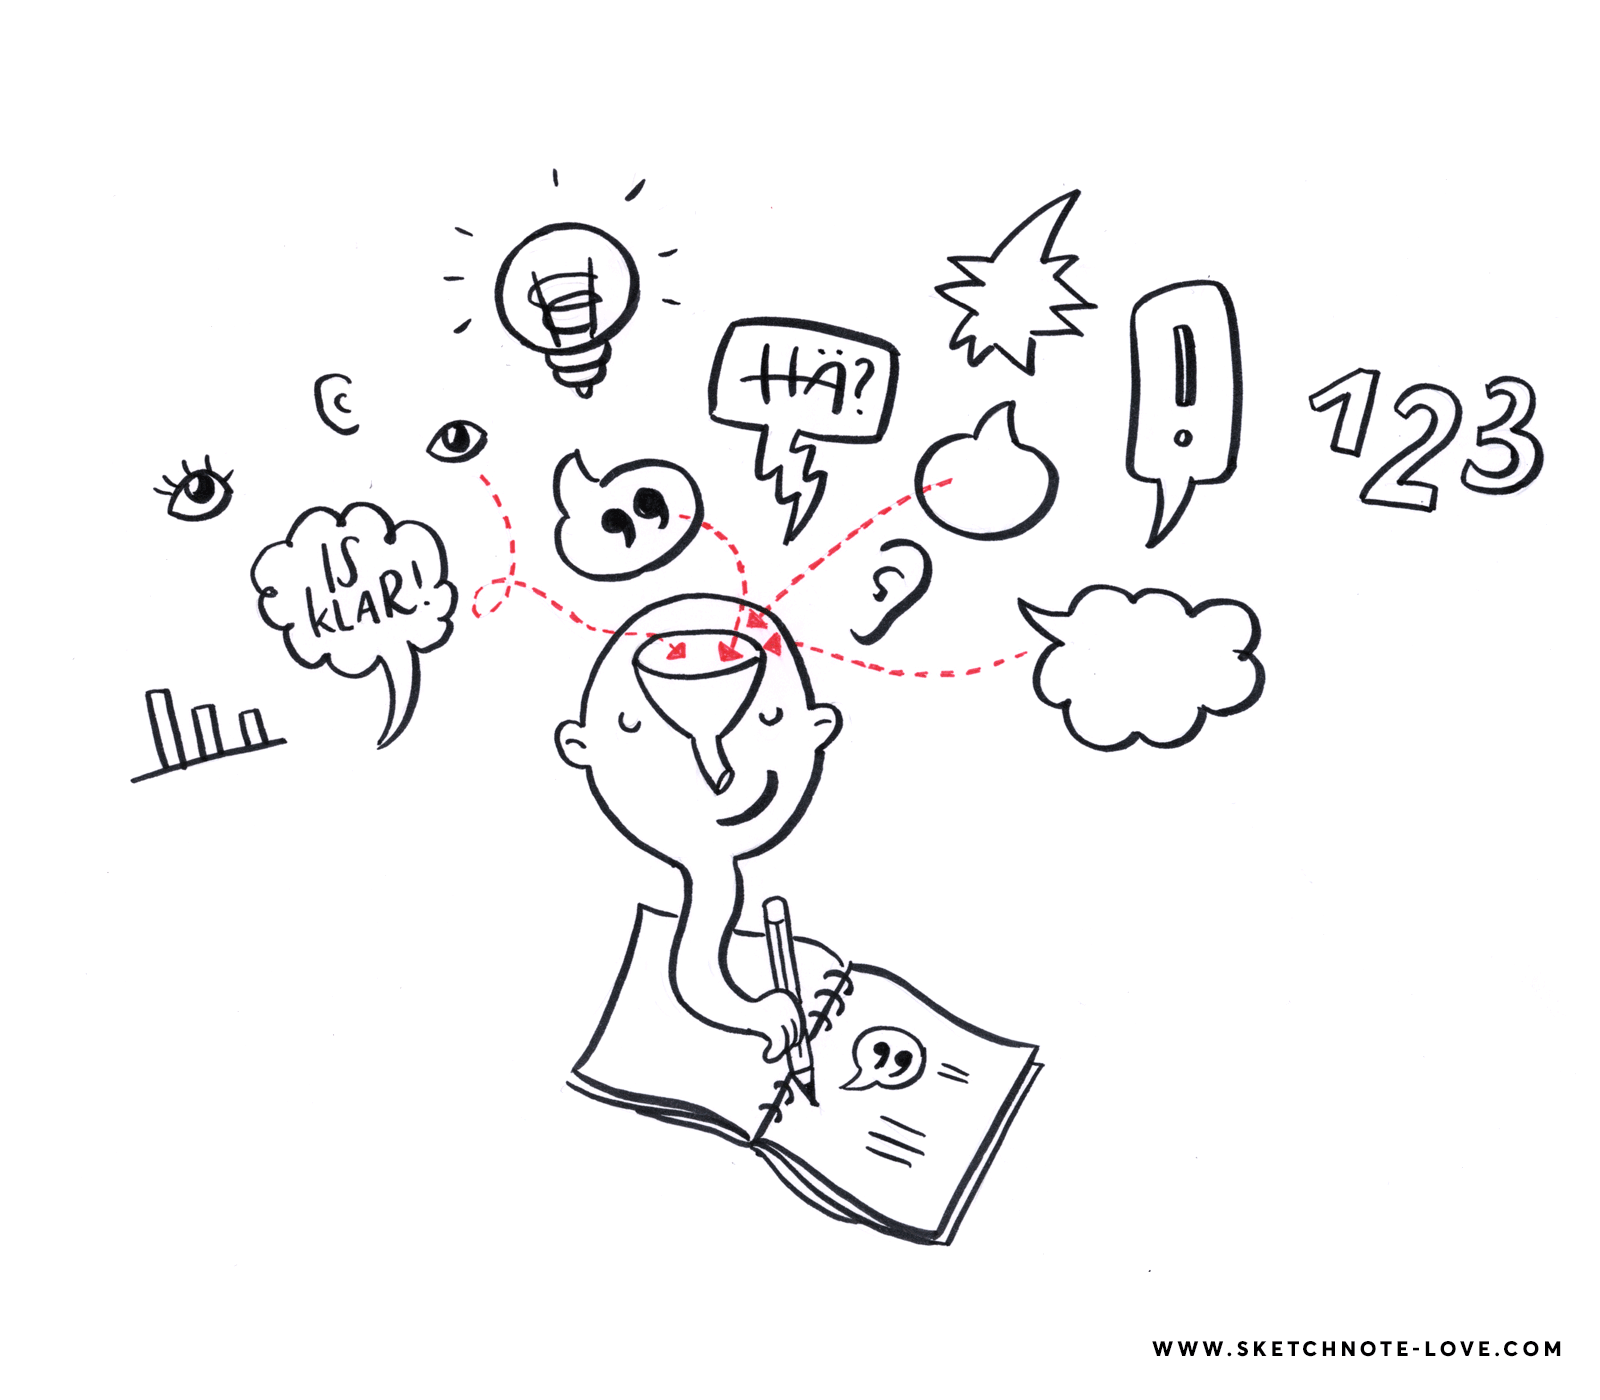 Wie funktioniert Sketchnoten?